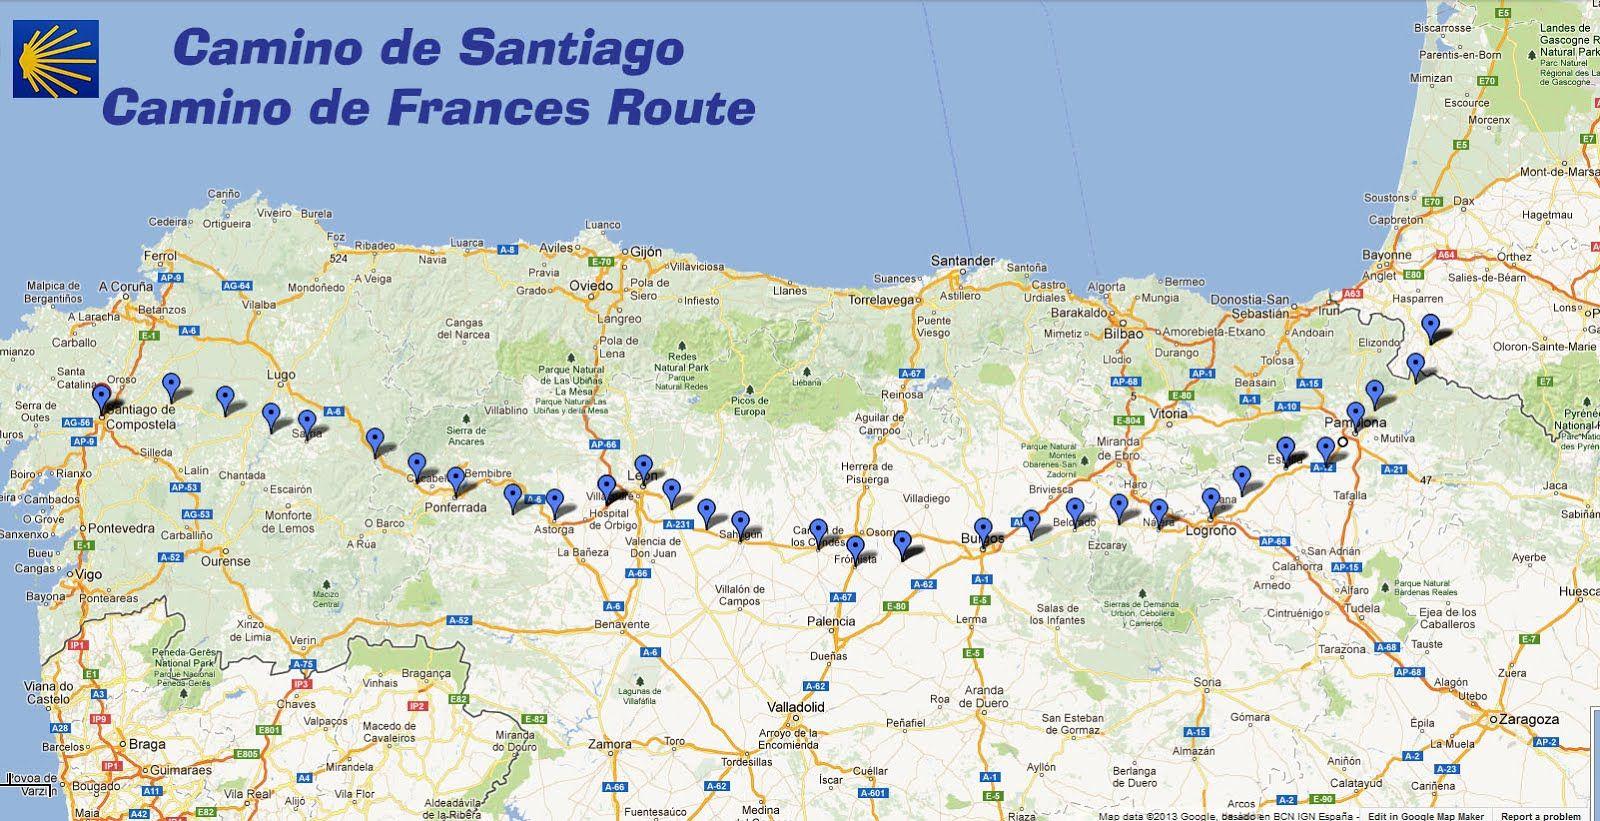 Trekcapri's Blog: Camino de Santiago: Buen Camino Great map of